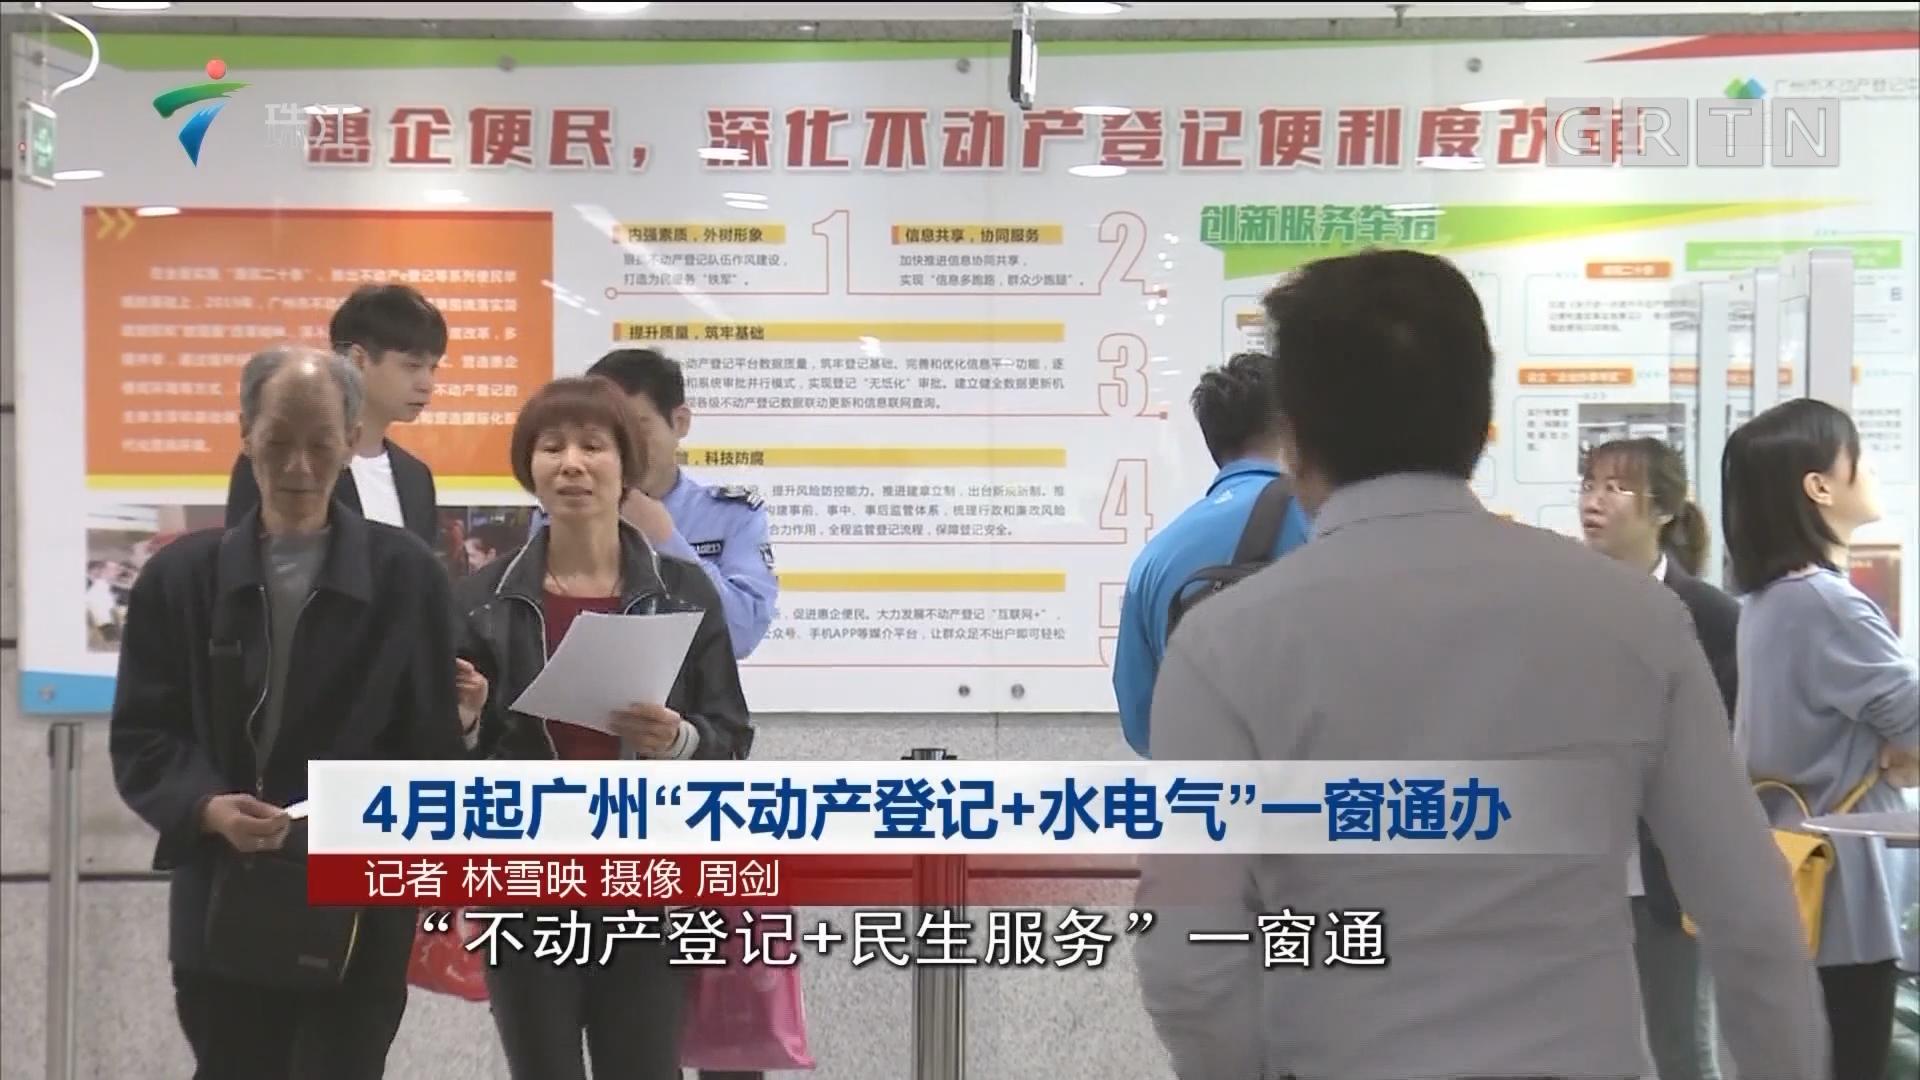 """4月起广州""""不动产登记+水电气""""一窗通办"""